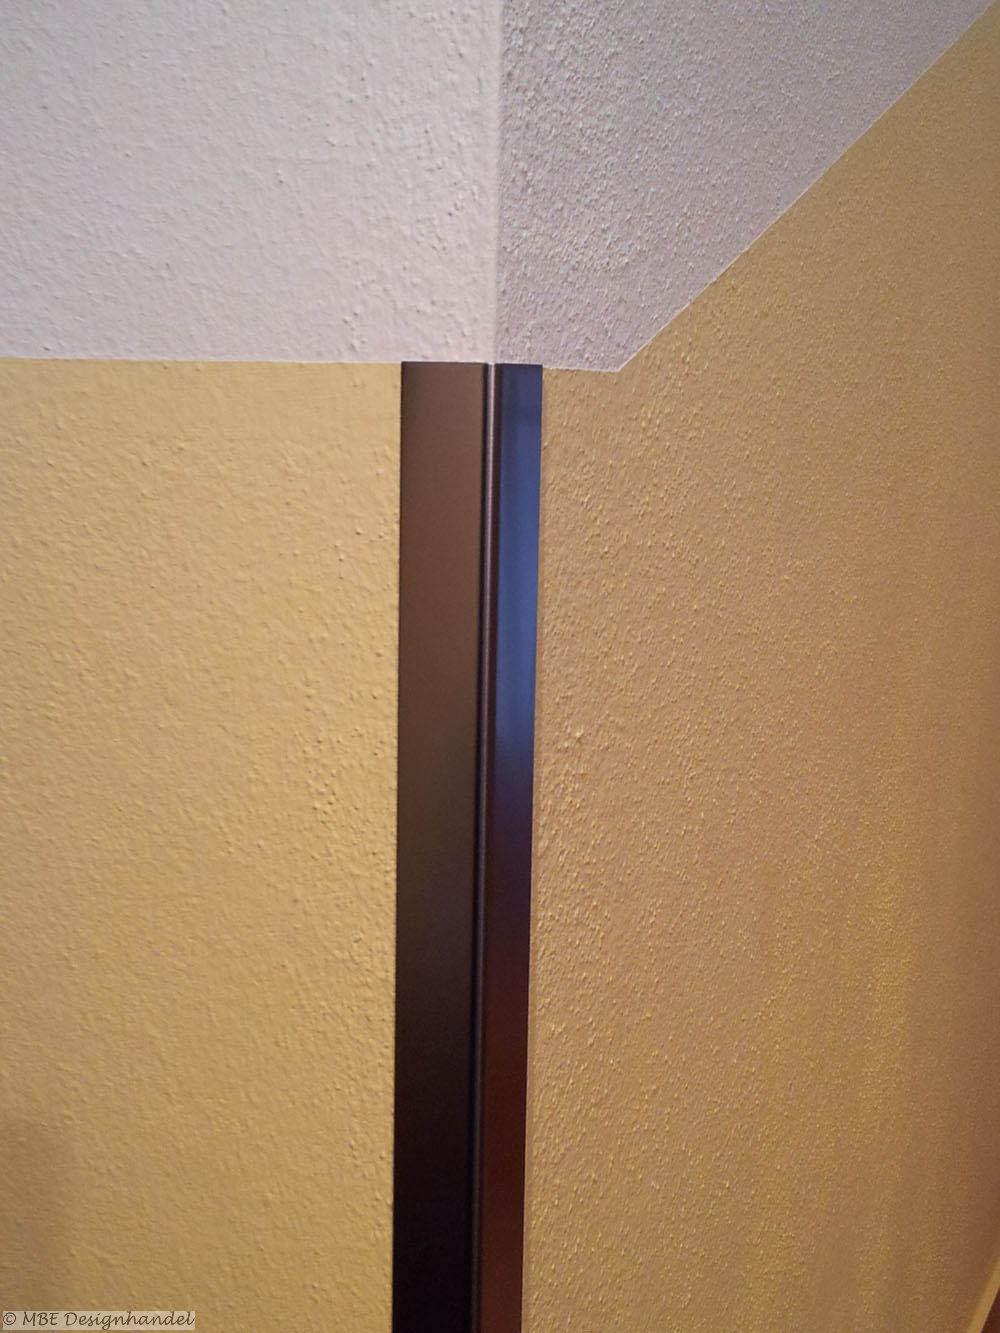 kantenschutz aus edelstahl für innen und außen: 30x30x1250 mm